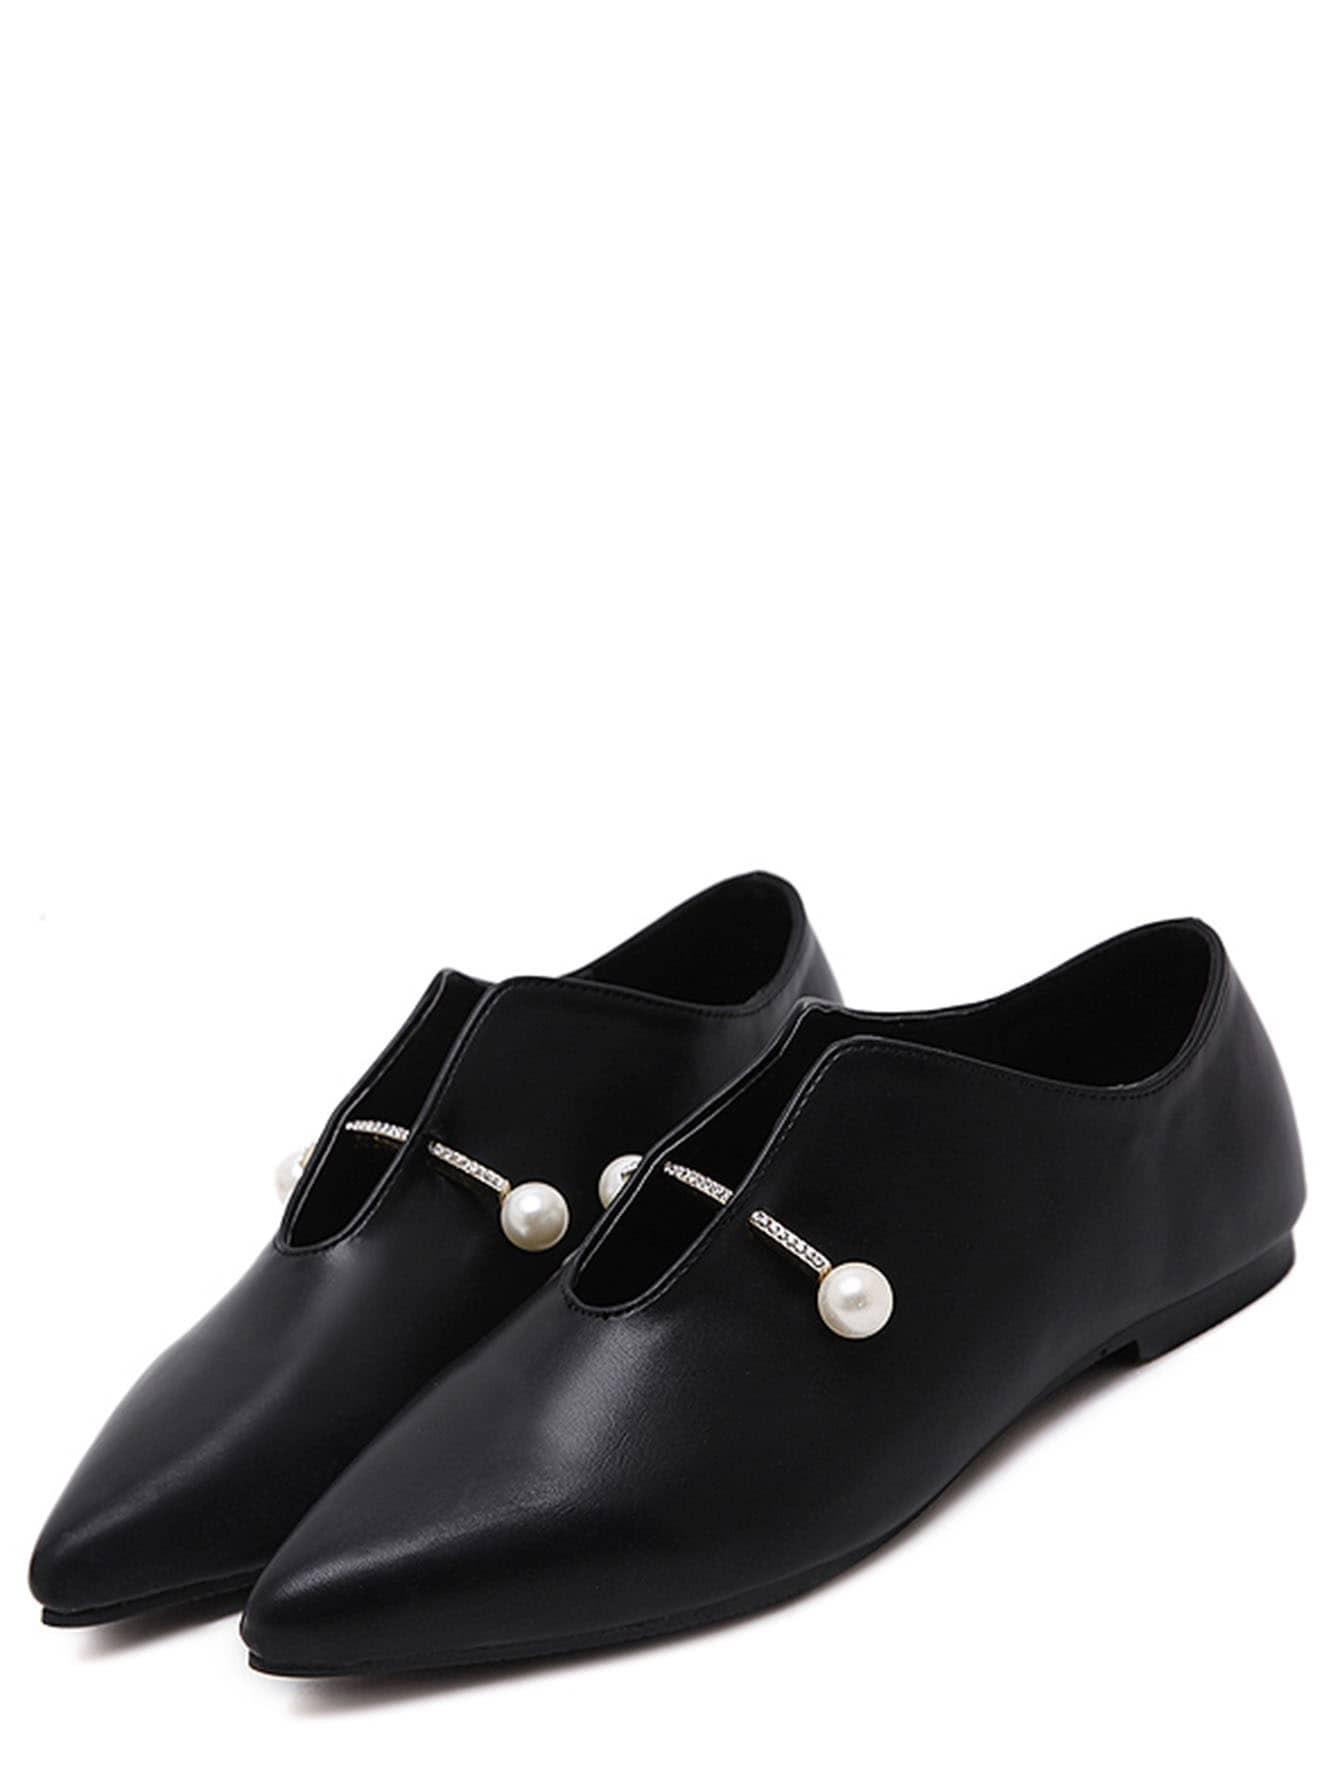 shoes161226807_2